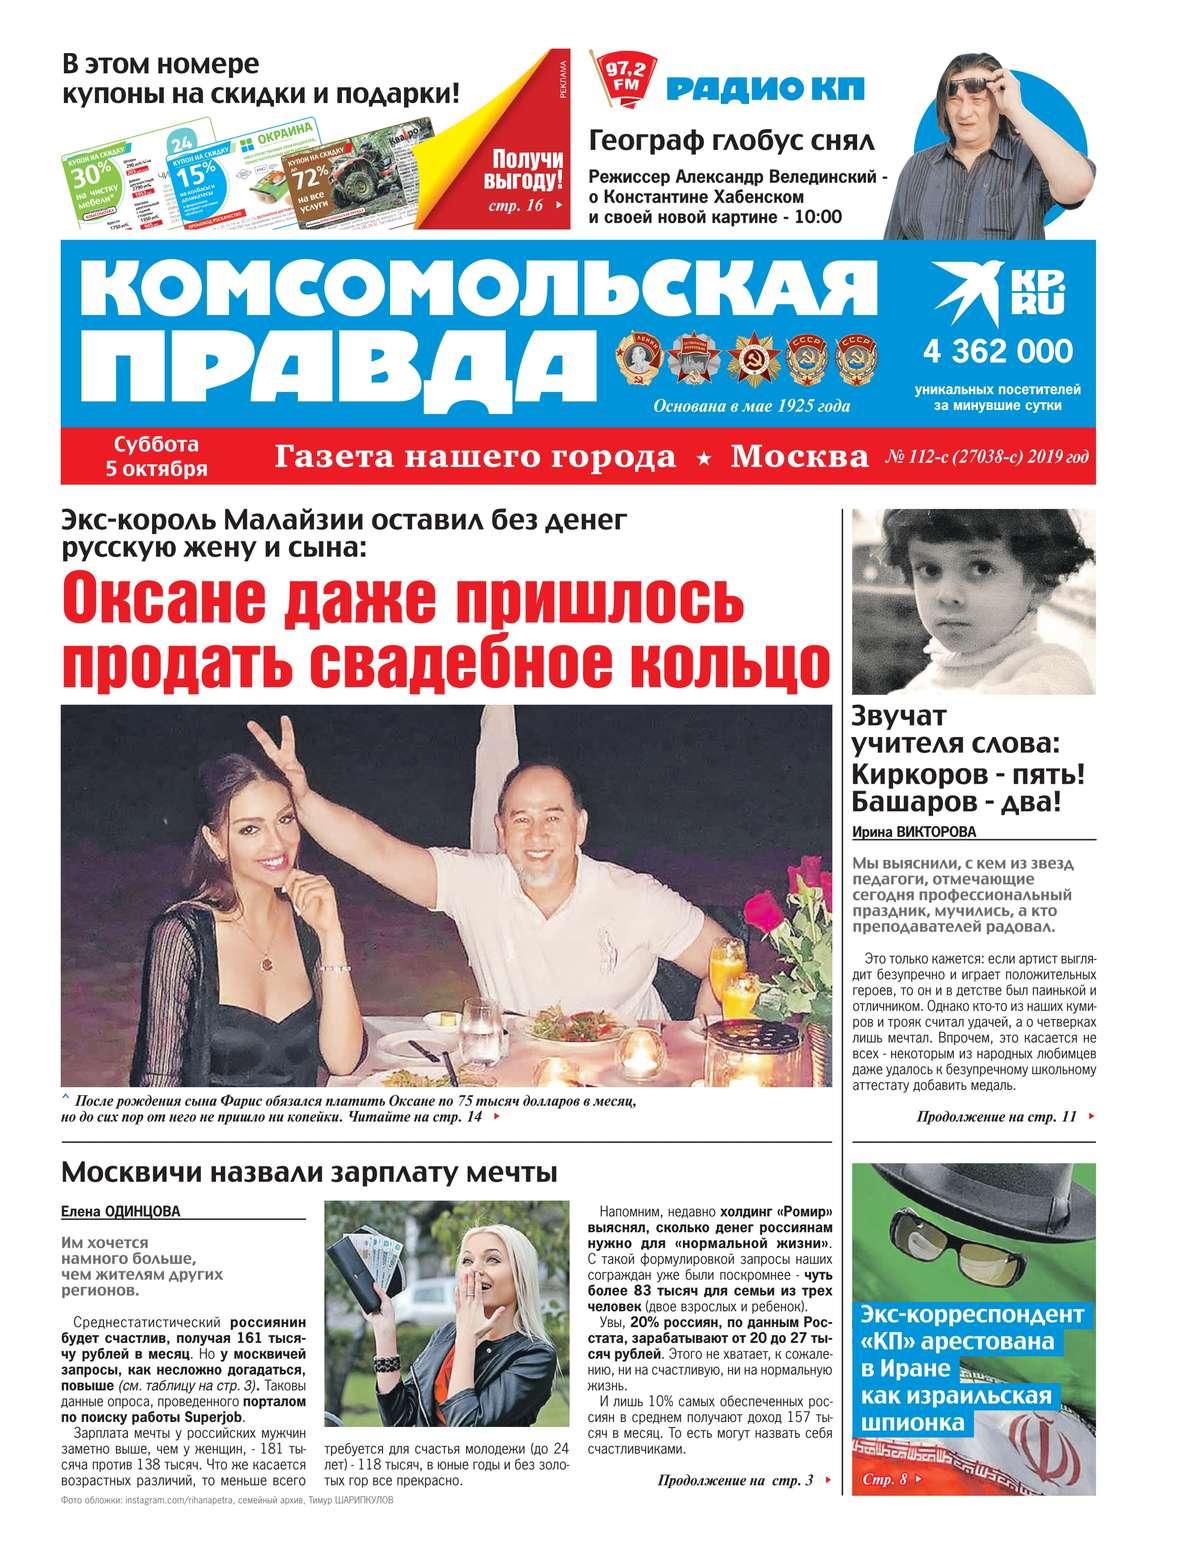 Комсомольская Правда. Москва 112с-2019